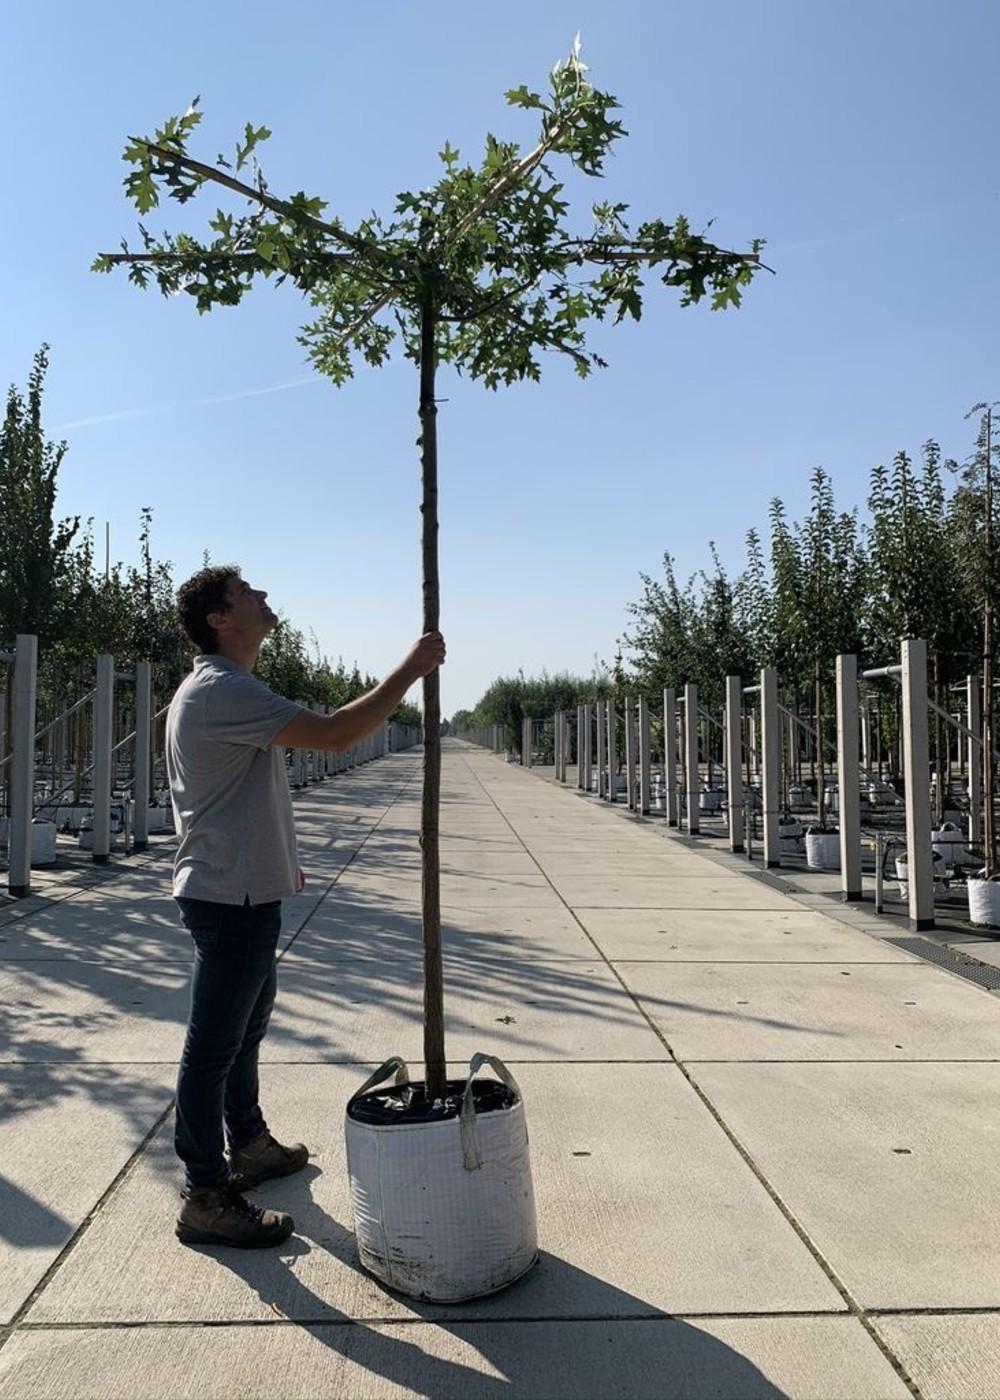 Sumpf-Eiche Dachbaum| Quercus palustris Dachbaum